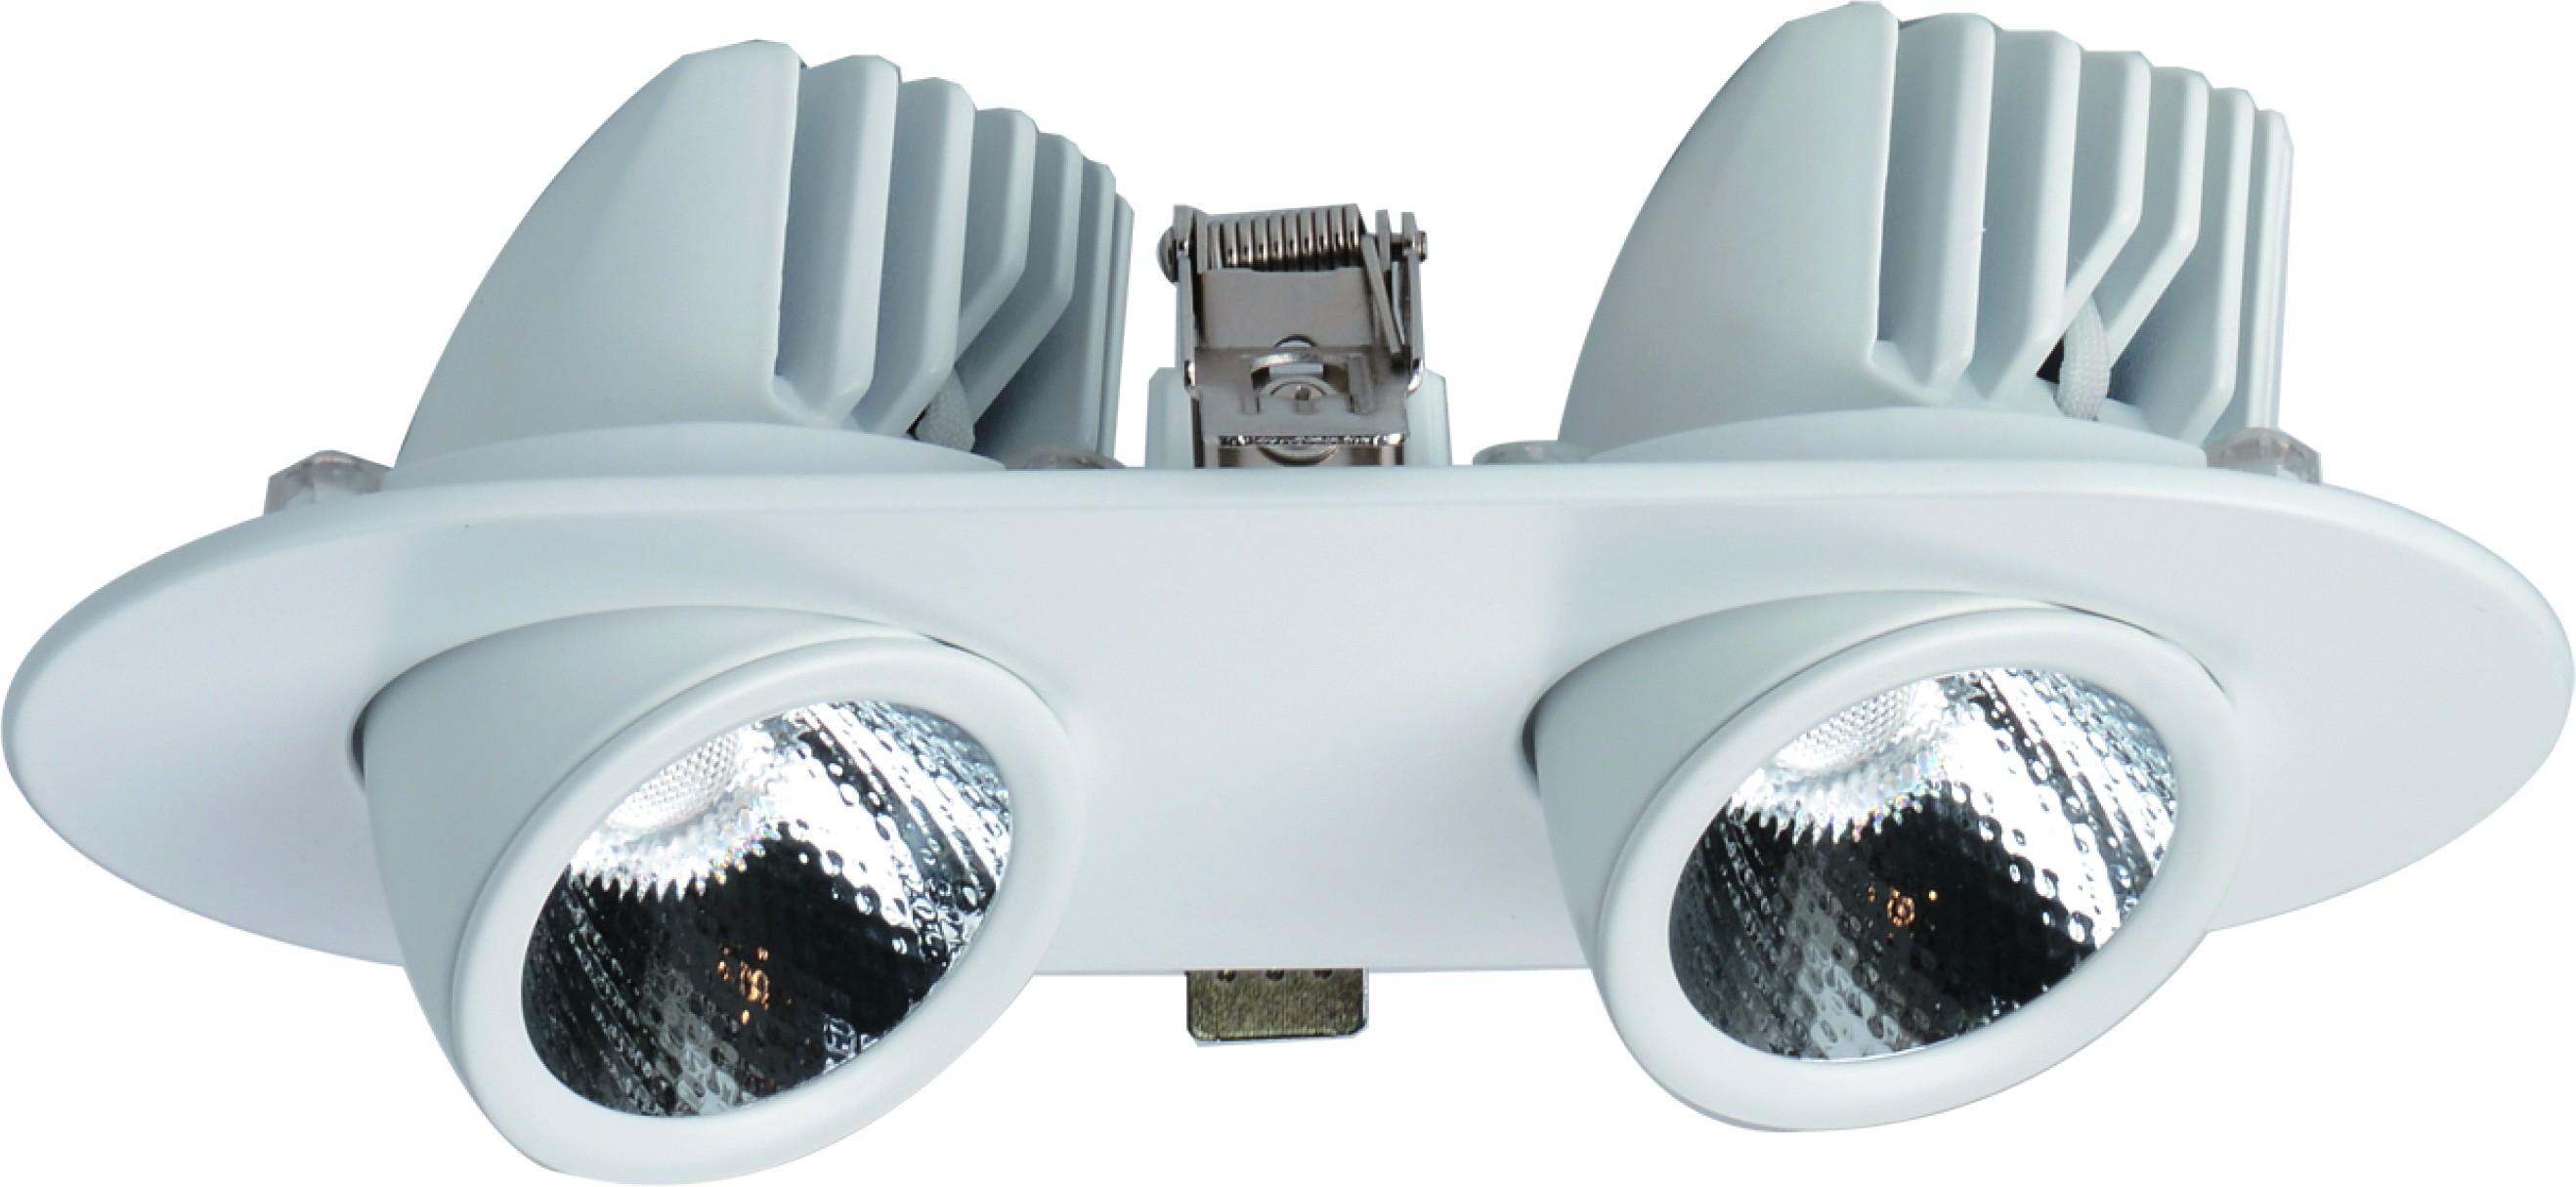 Светильник встраиваемый Arte lamp A1212pl-2wh встраиваемый светильник arte lamp studio a3007pl 2wh